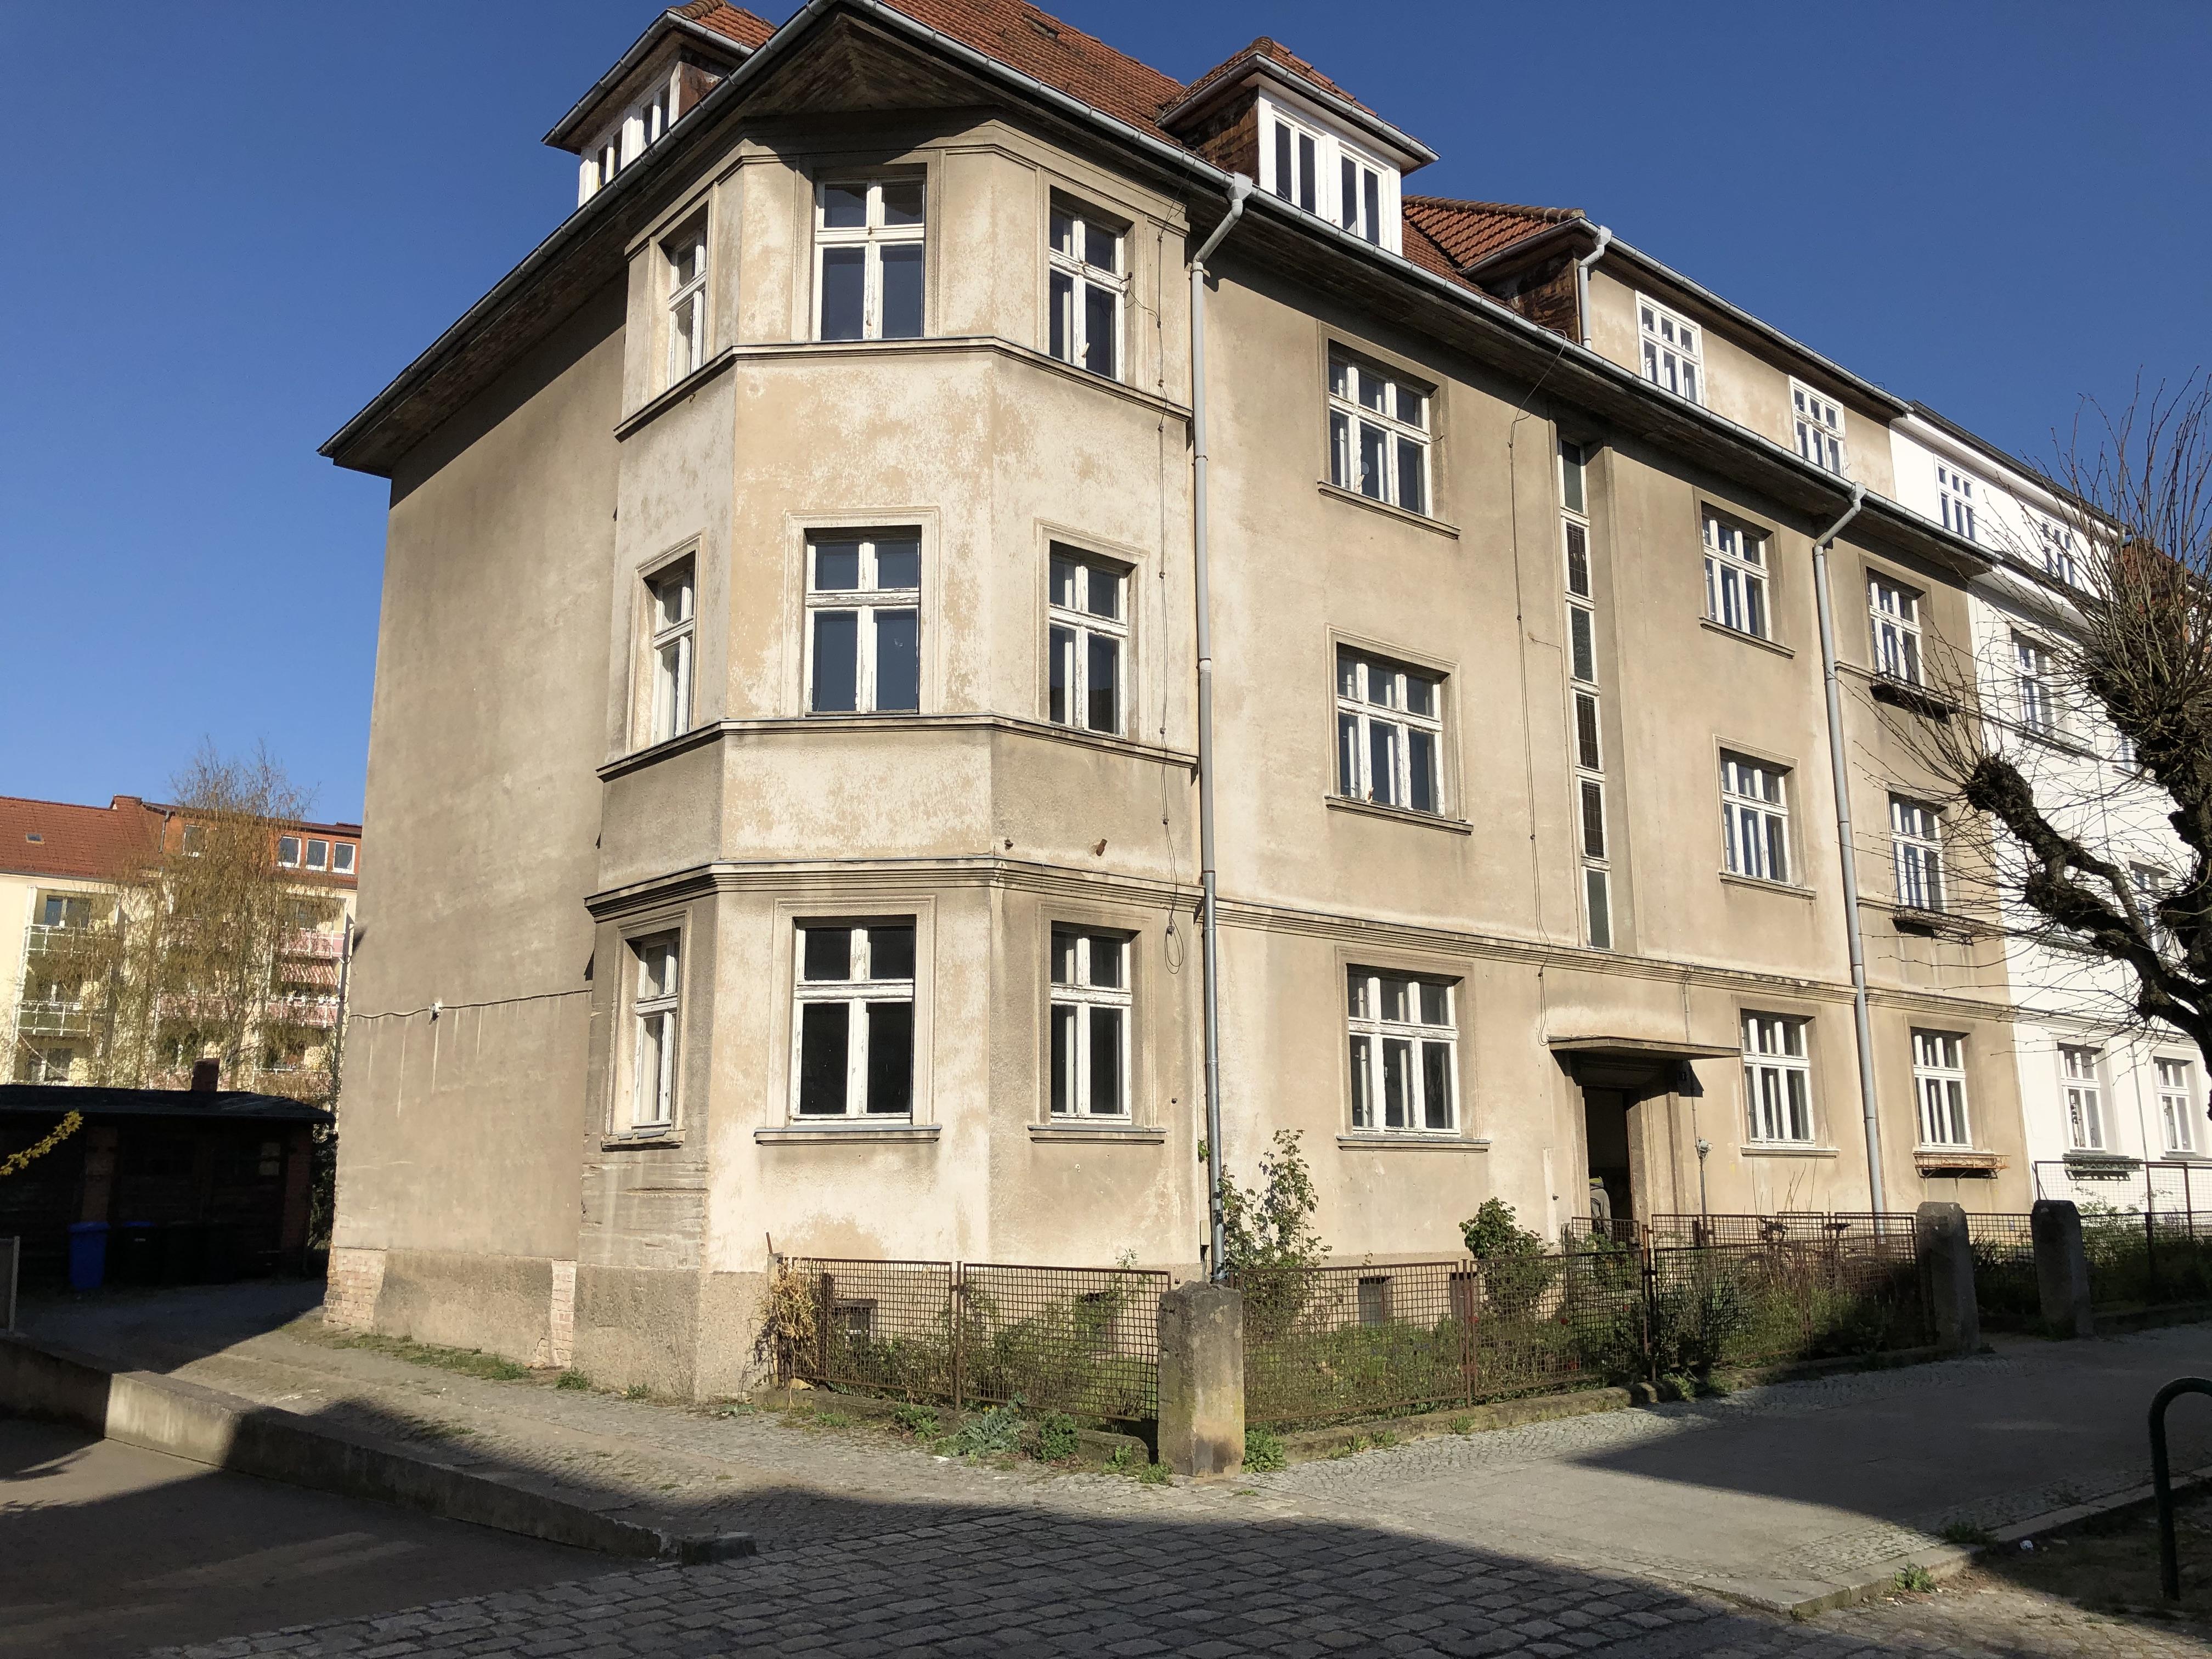 Twachtmannstraße 3